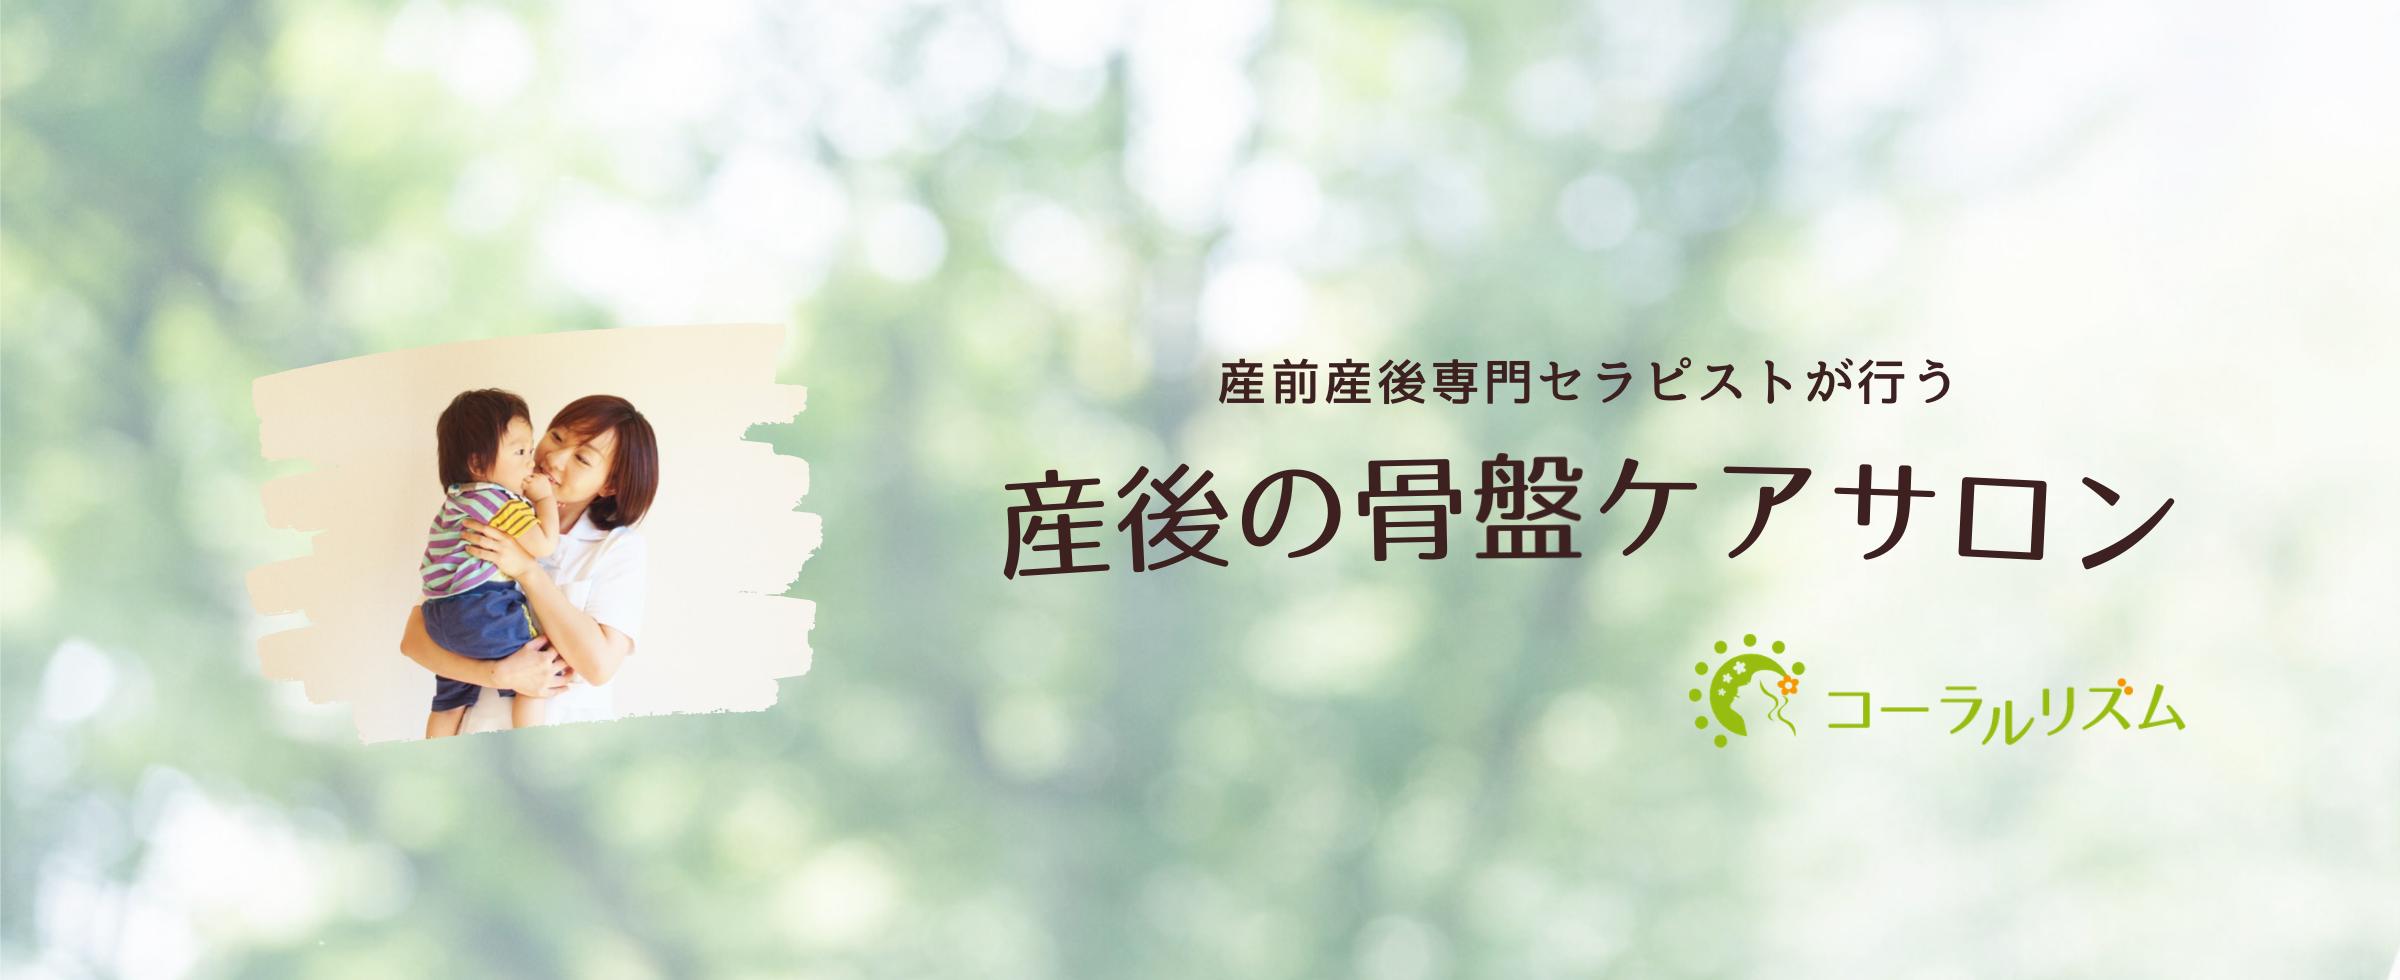 稲沢・一宮・津島・名古屋の骨盤矯正産後の骨盤整体とカラダづくりコーラルリズム